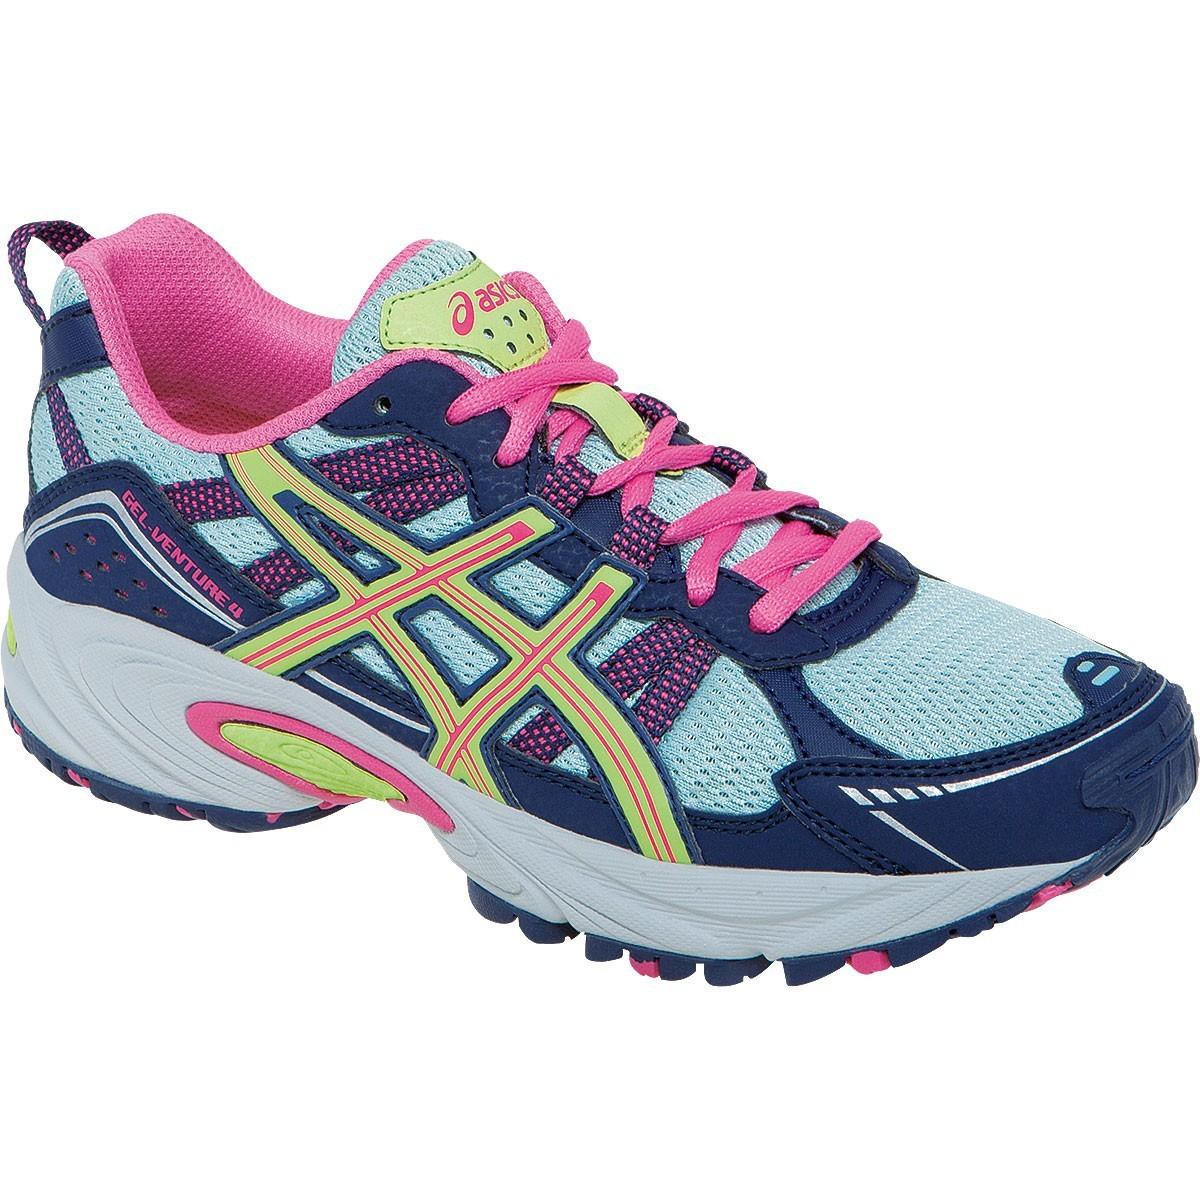 Кроссовки внедорожники Asics Gel-Venture 4 gs подростковые Pink